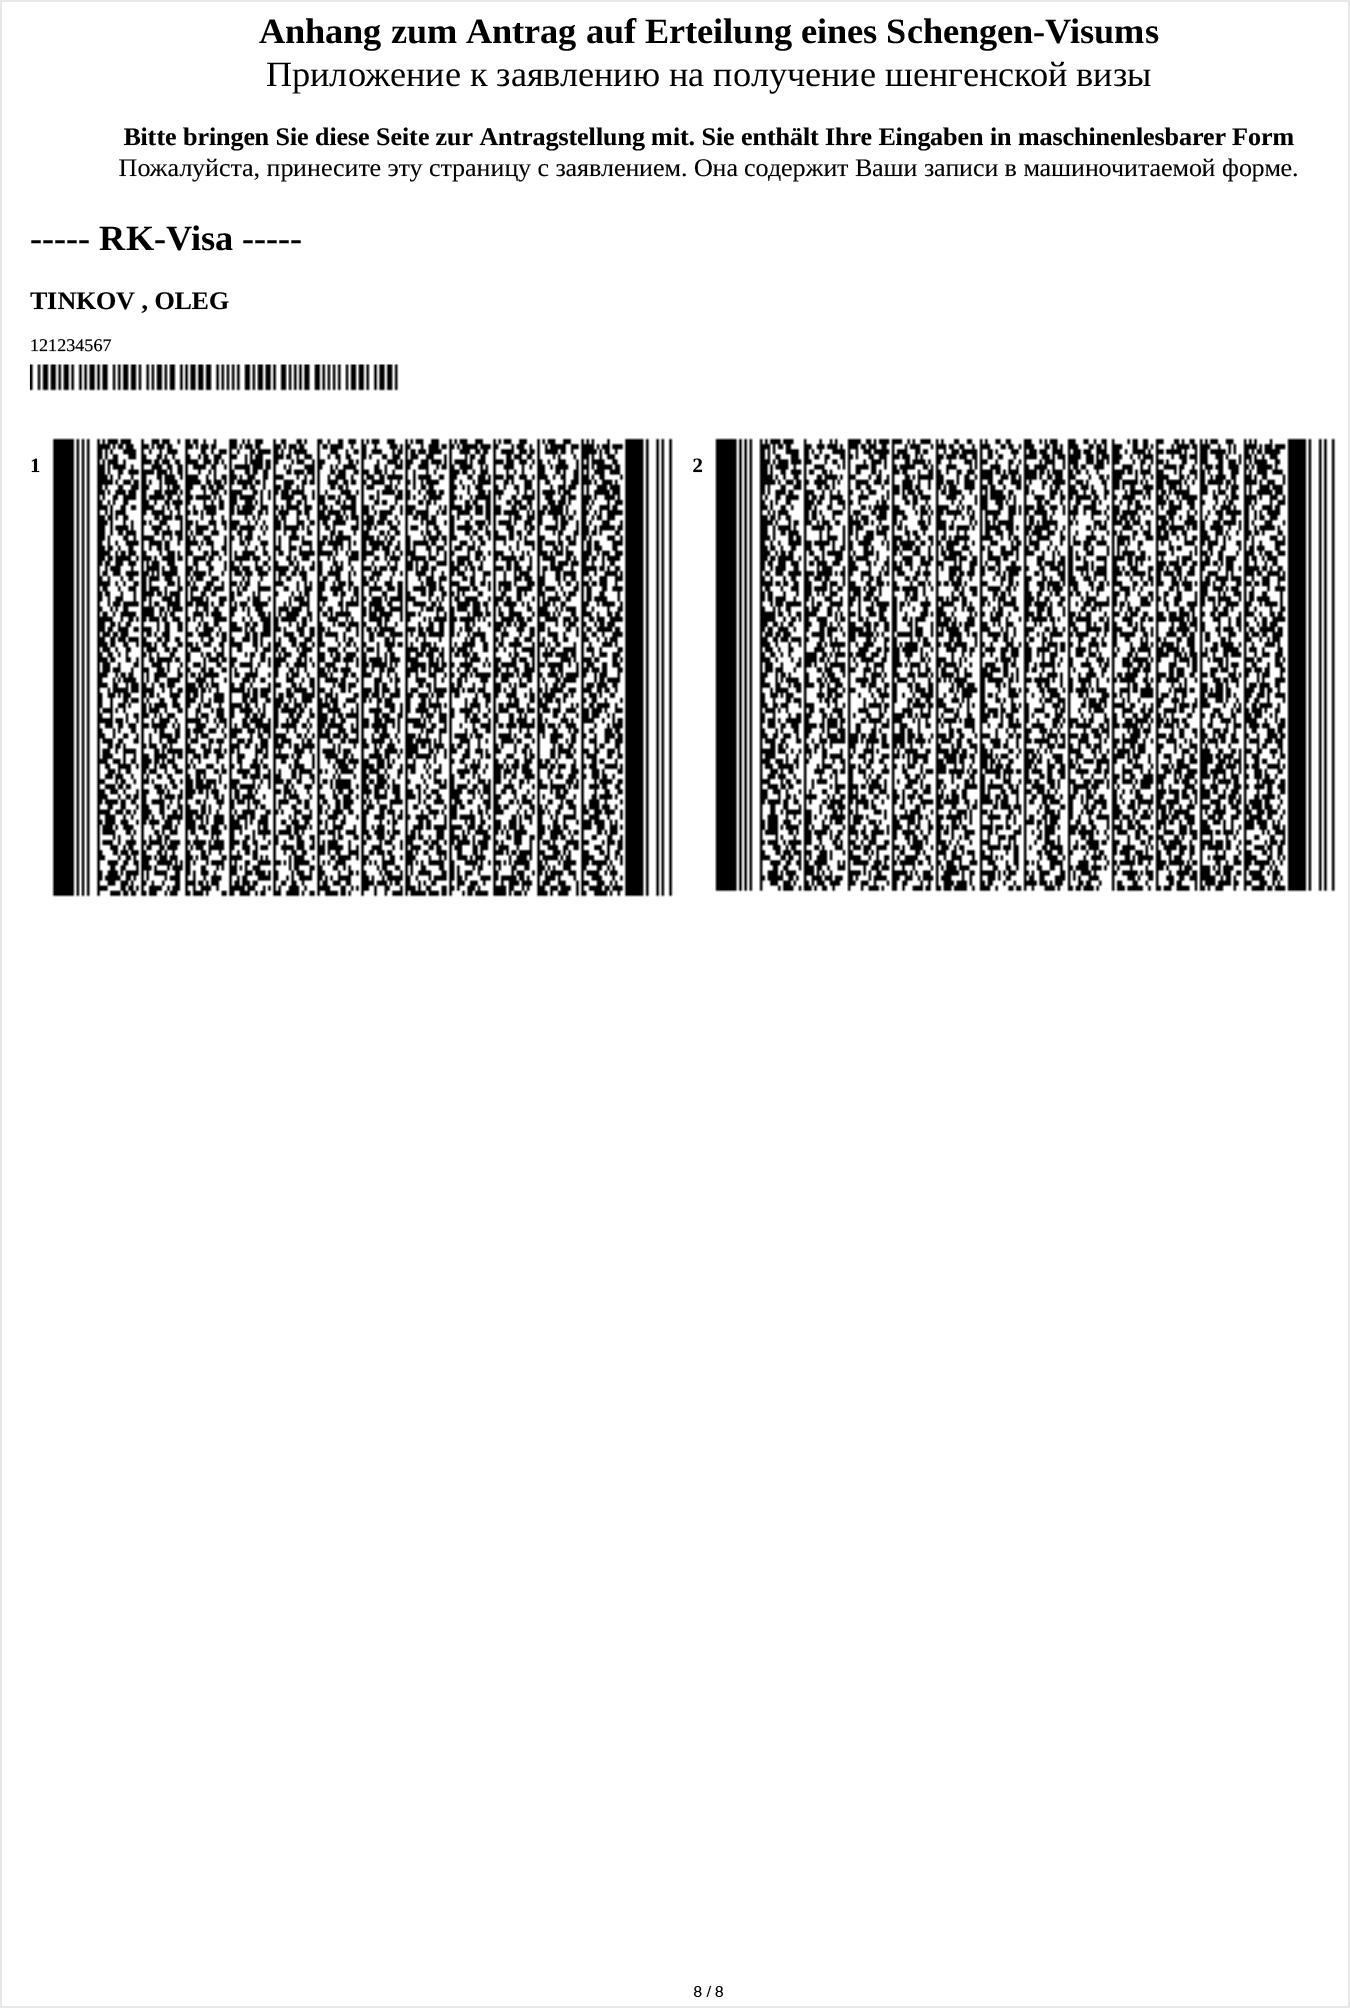 Изображение - Шенгенская виза 8sh-4